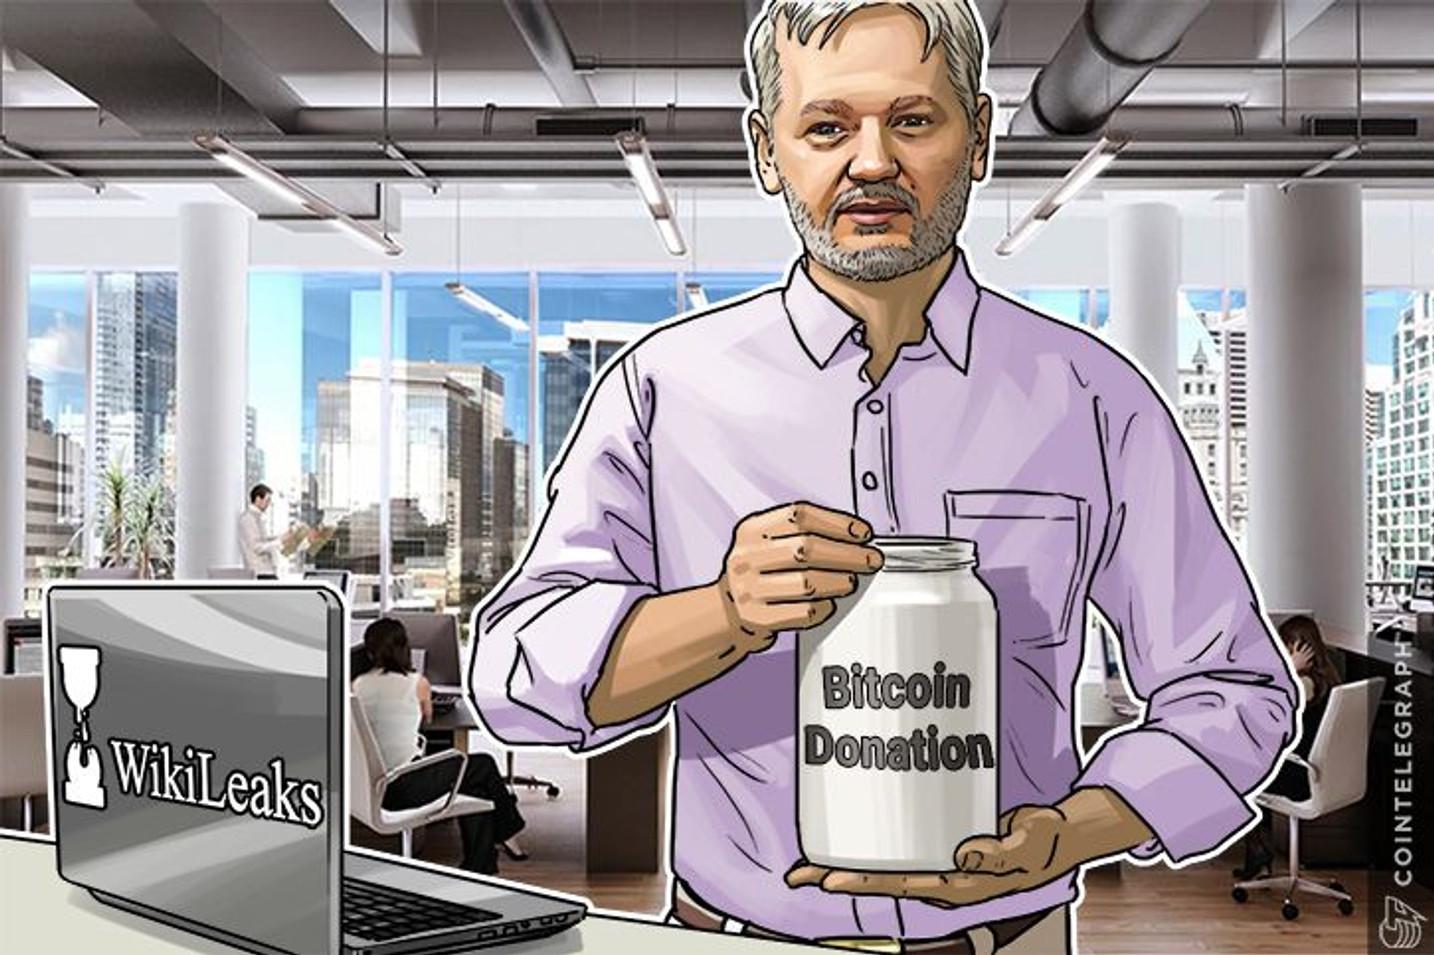 Julian Assange agradece al gobierno de Estados Unidos y a los senadores, por la inversión forzada de Bitcoin